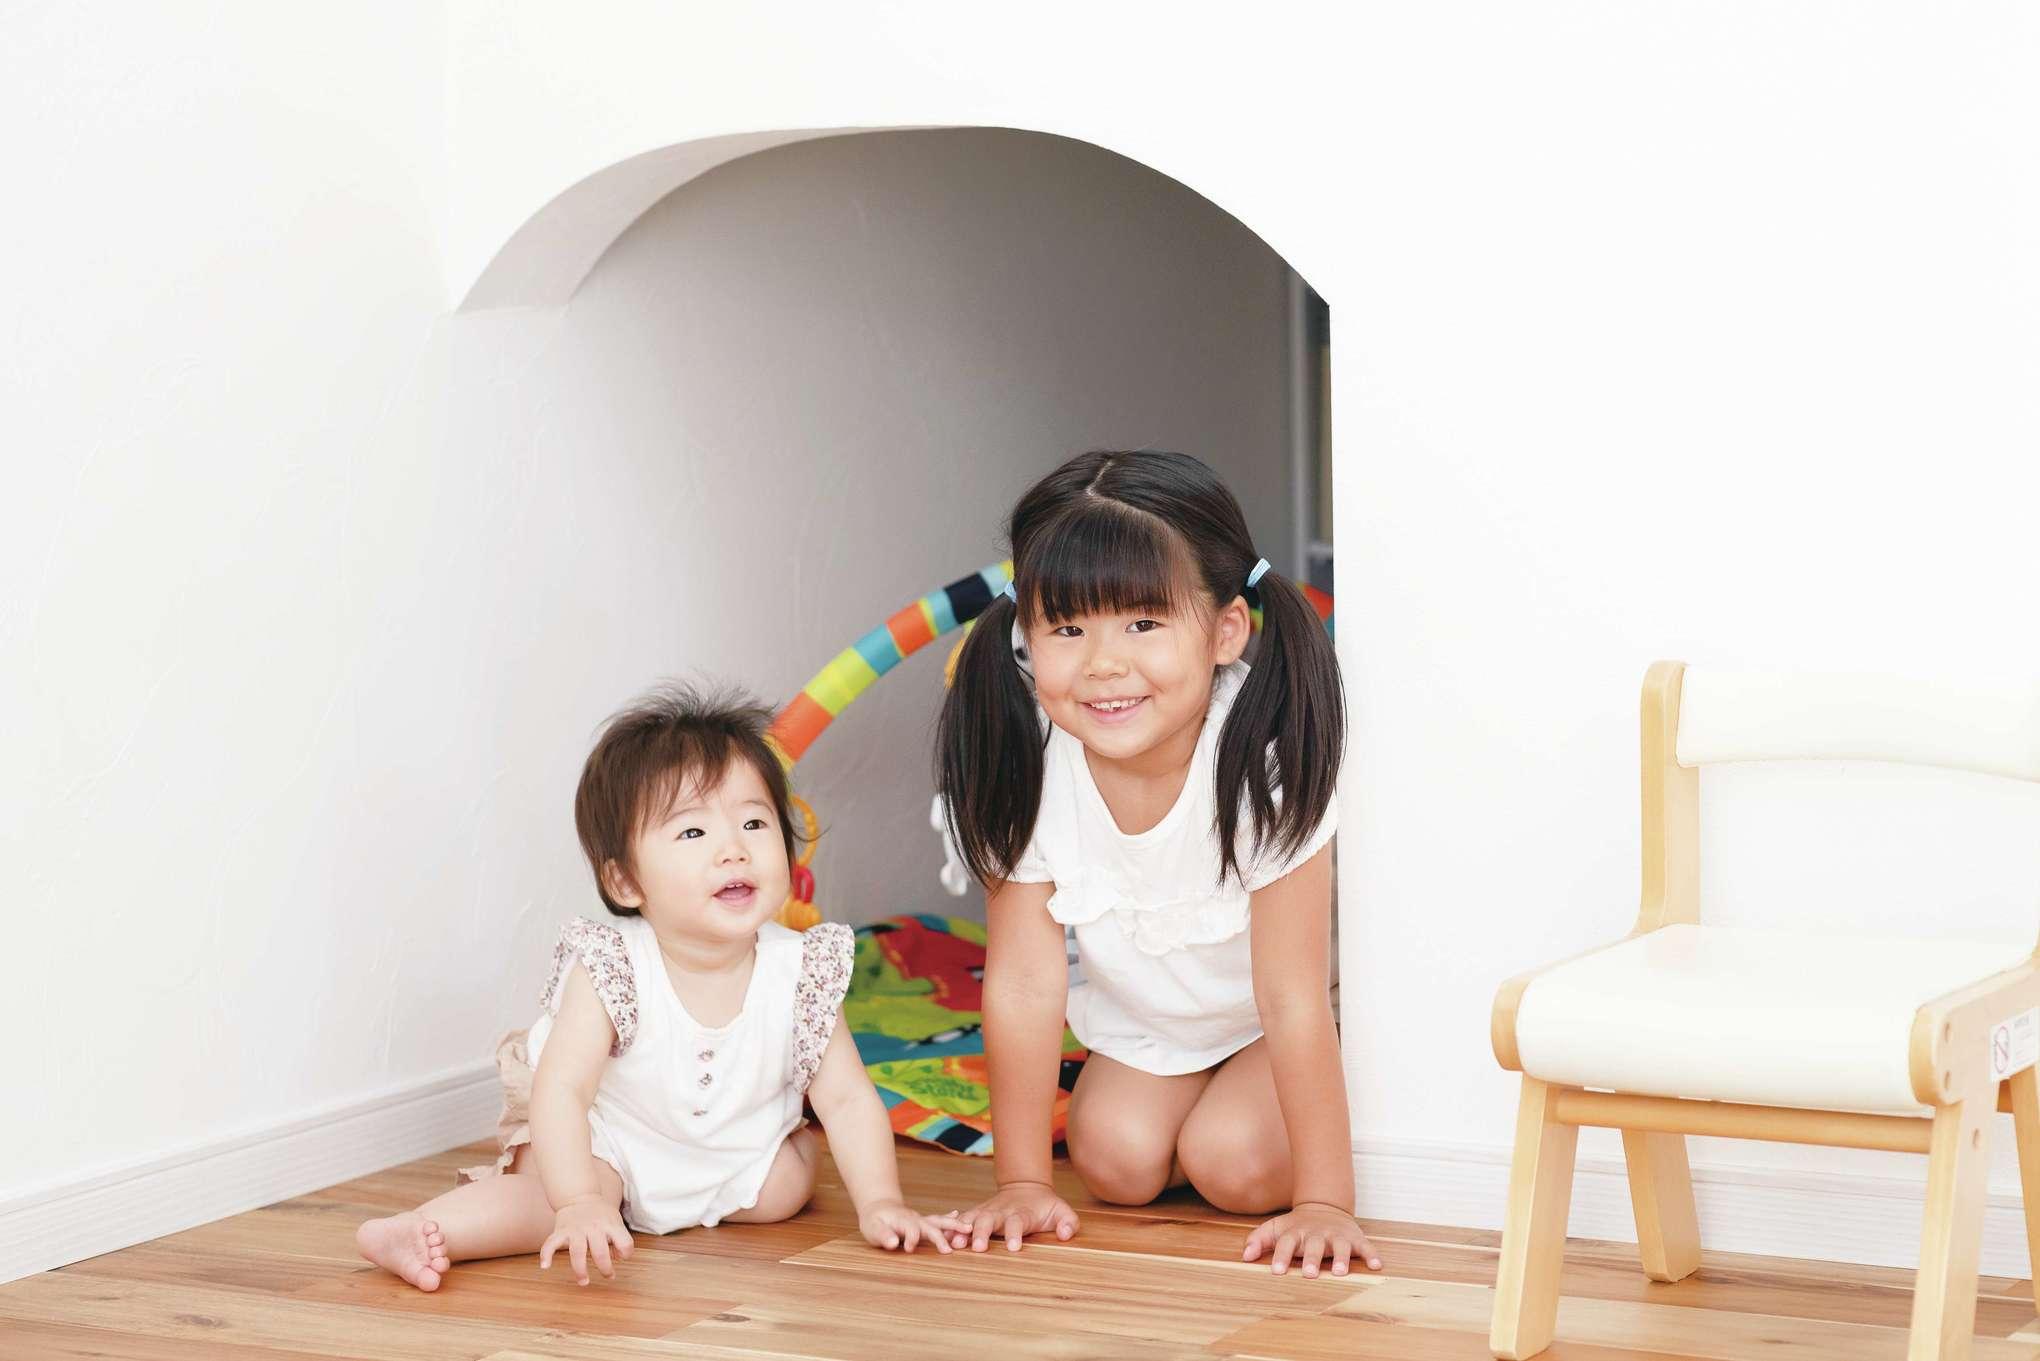 四季彩ひだまり工房 高田工務店【デザイン住宅、子育て、自然素材】階段下収納は出入り口を2つ設け、1つは遊び心をプラス